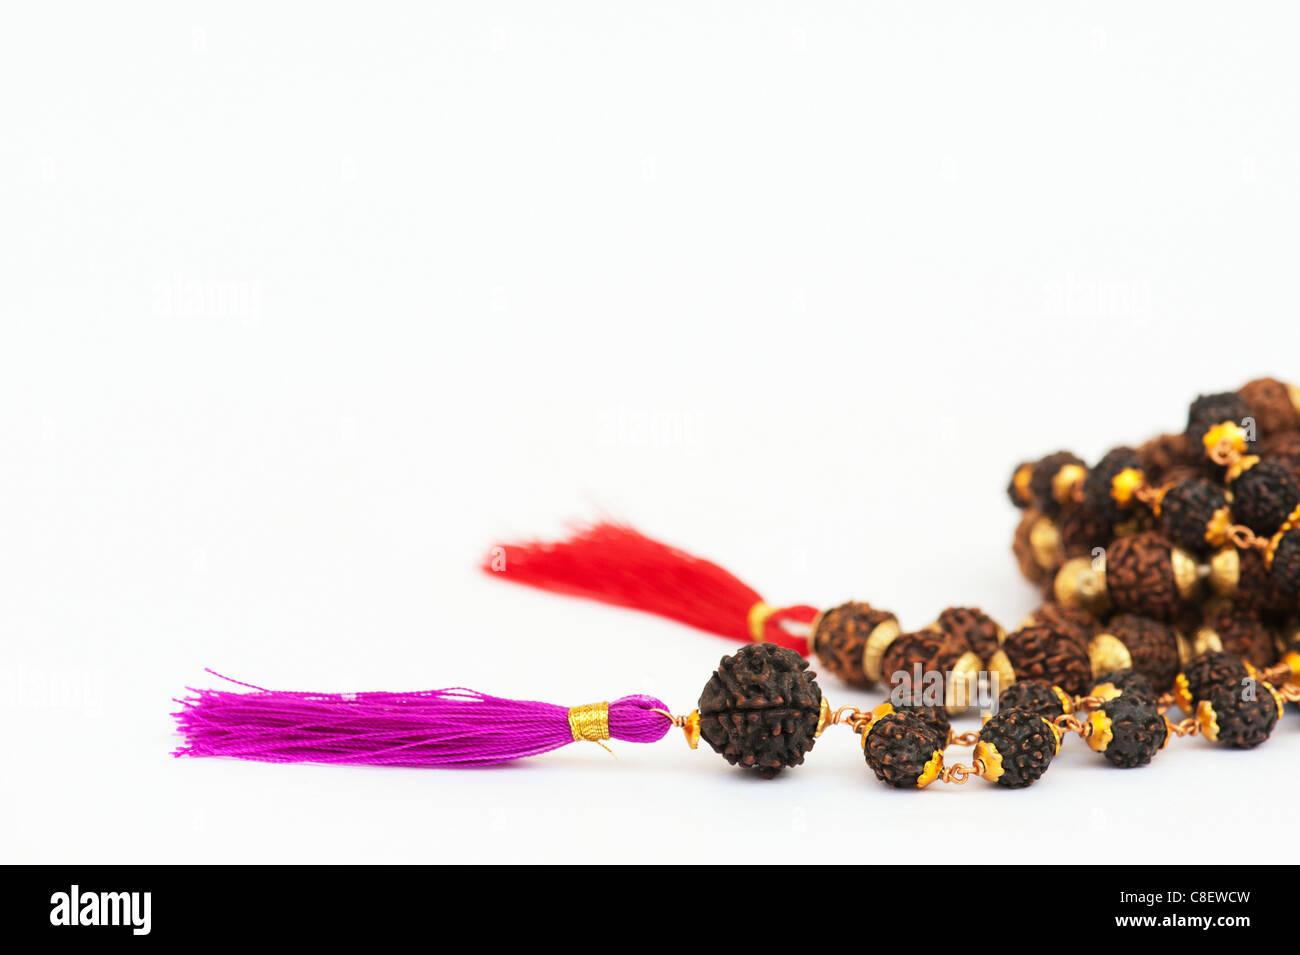 Indische Rudraksha / Japa Mala Gebetskette auf weißer Hintergrund Stockfoto